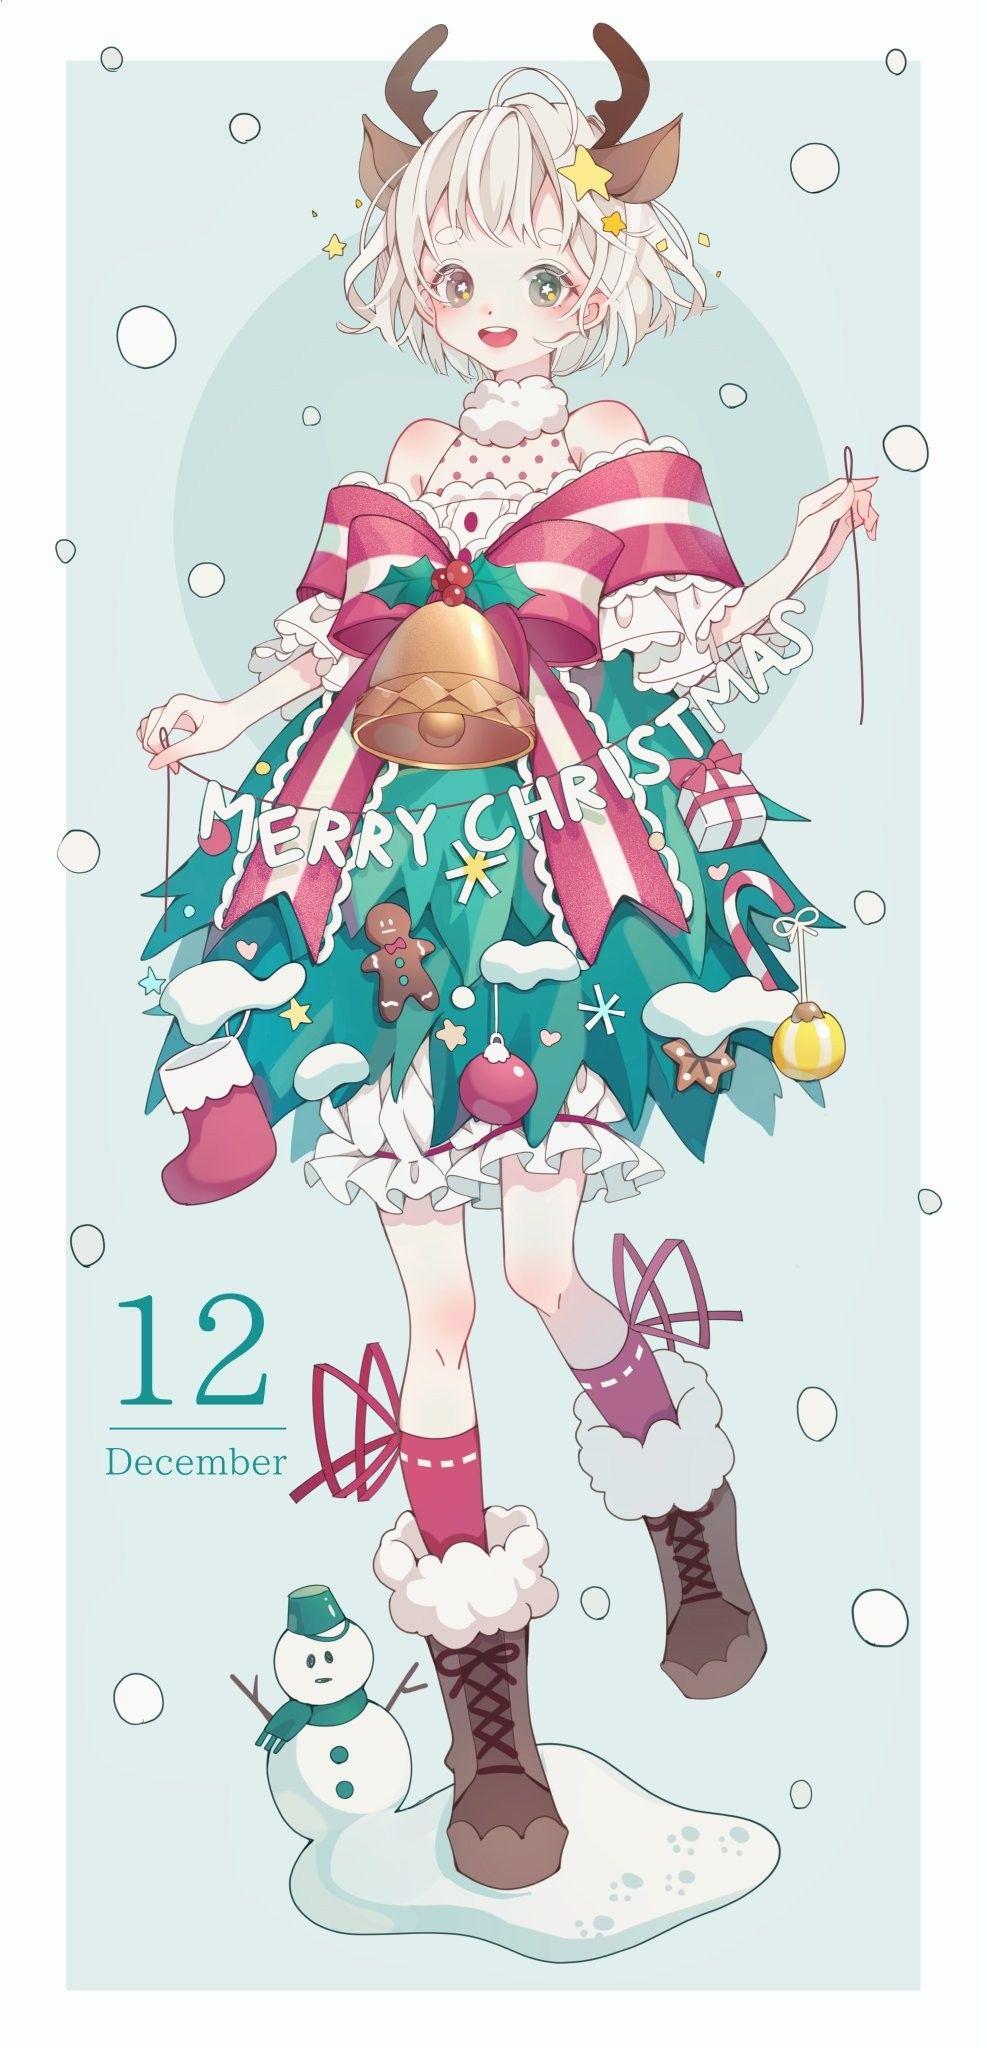 おしゃれ かわいい クリスマス イラスト 女の子